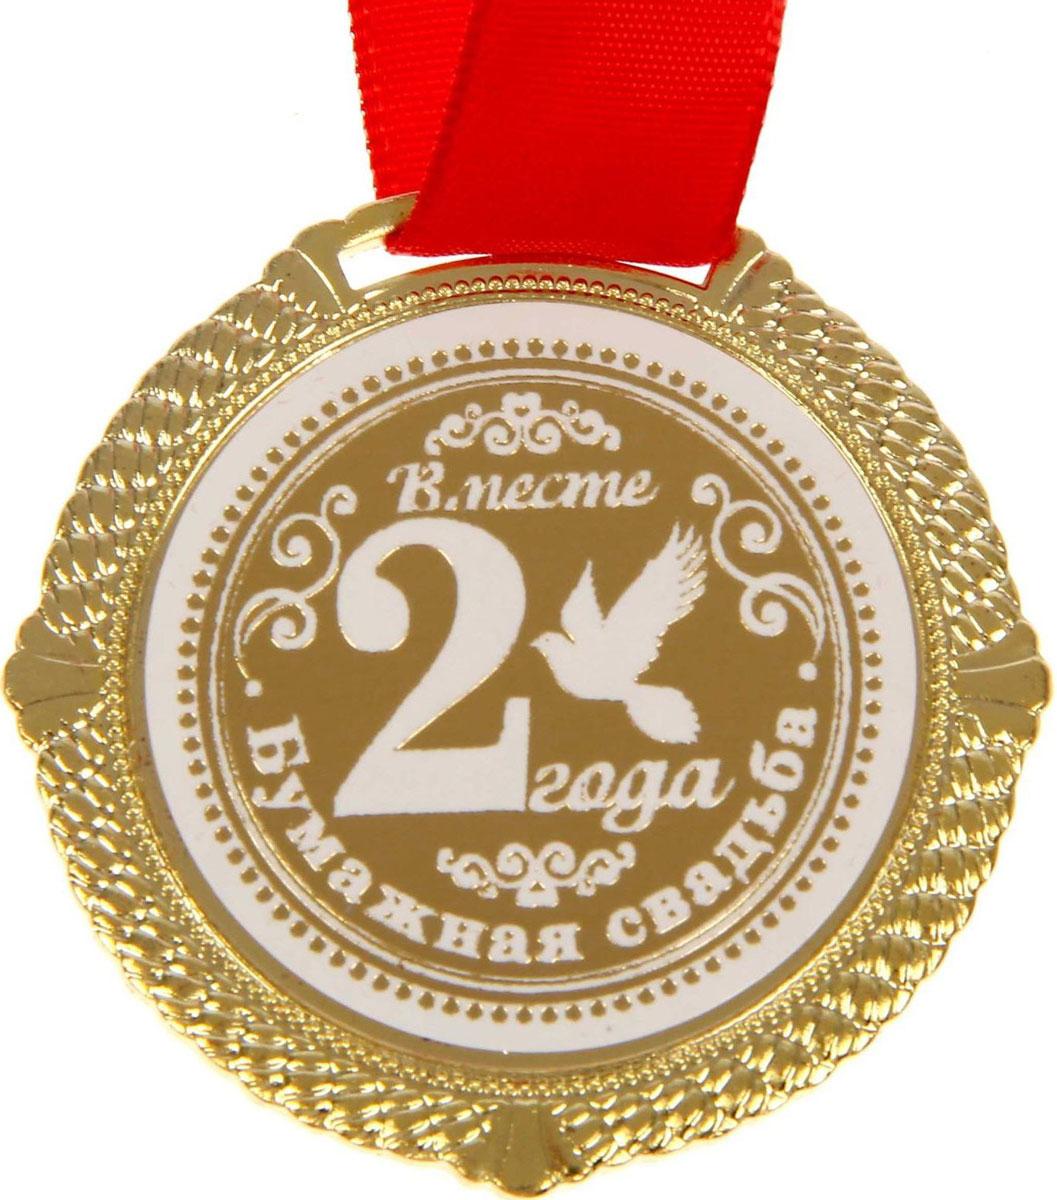 Медаль сувенирная Бумажная свадьба 2 года, диаметр 5 см1430046Хотите необычно поздравить близких людей с годовщиной свадьбы? Эта медаль в бархатной коробке в форме сердца подчеркнёт всю торжественность данного события. Награда эксклюзивной формы изготовлена из металла золотого цвета и дополнена надписью на металлическом шильде. А чтобы вы сразу смогли надеть медаль на получателя, мы добавили в комплект ленту. Радуйте и удивляйте близких людей оригинальными презентами, которые останутся с ними на долгие годы!